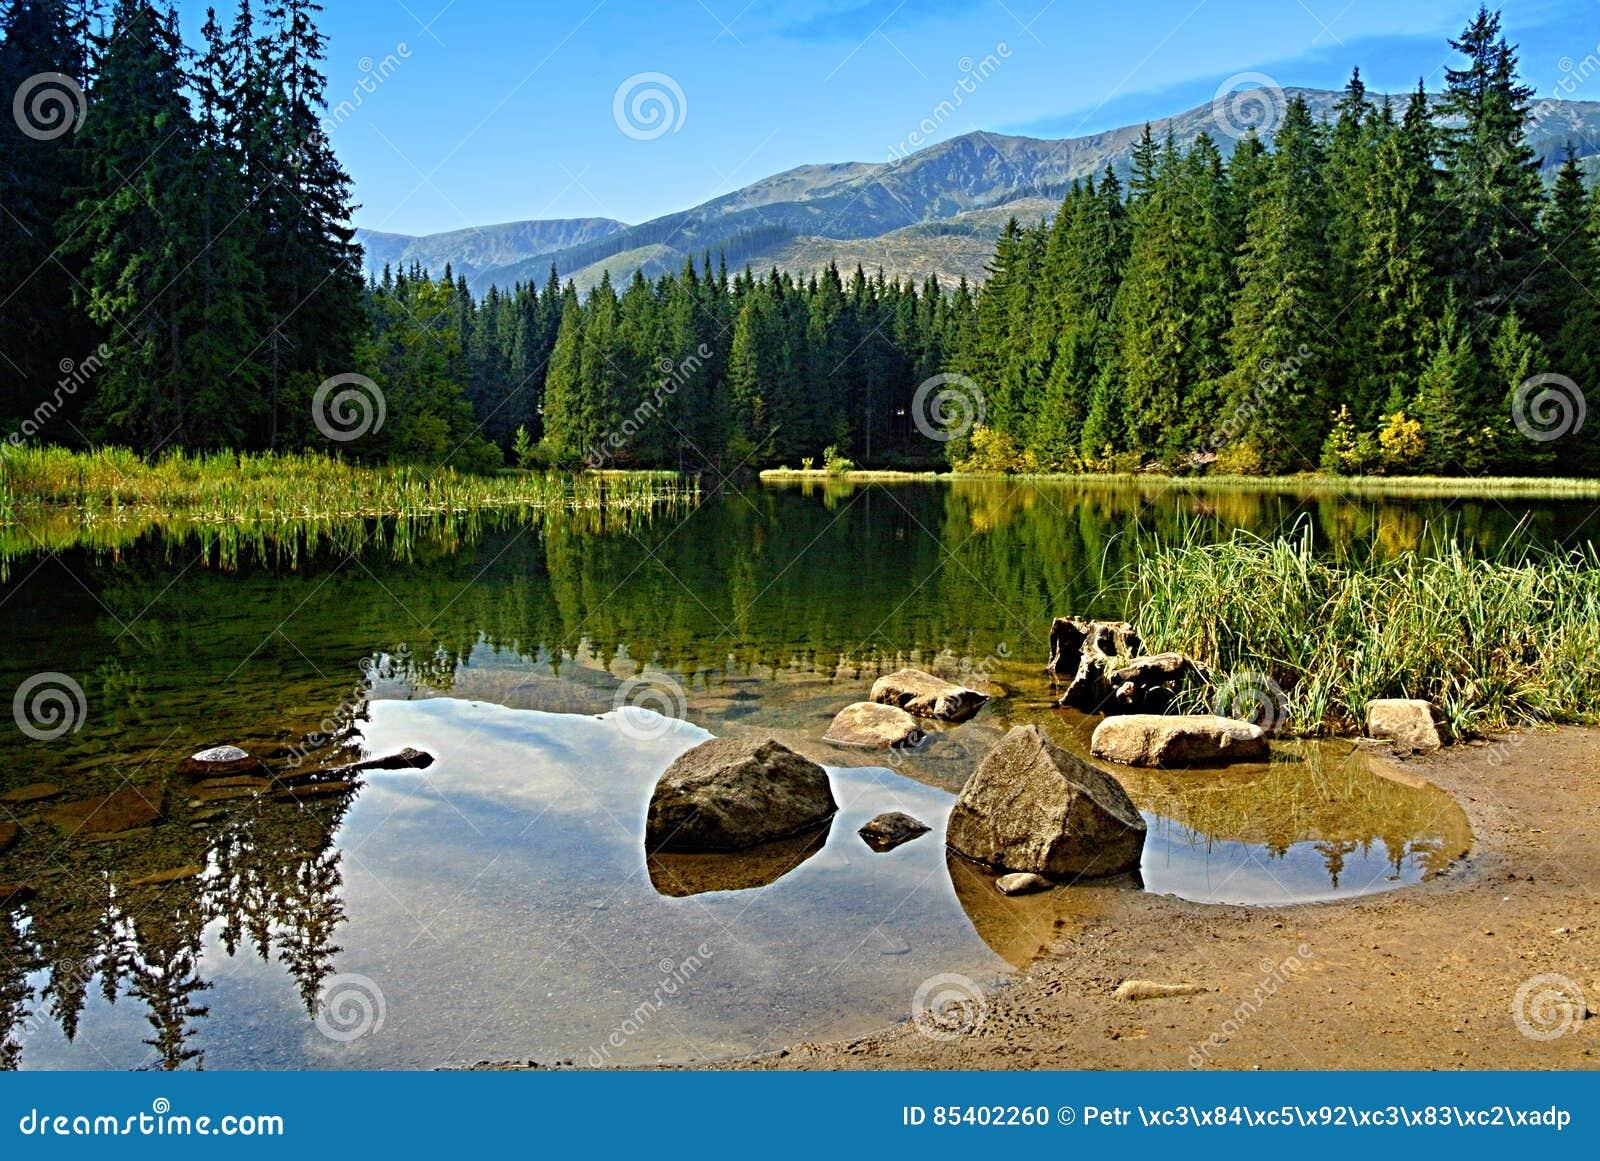 Vrbicke-Gebirgssee niedriges Tatras Slowakei